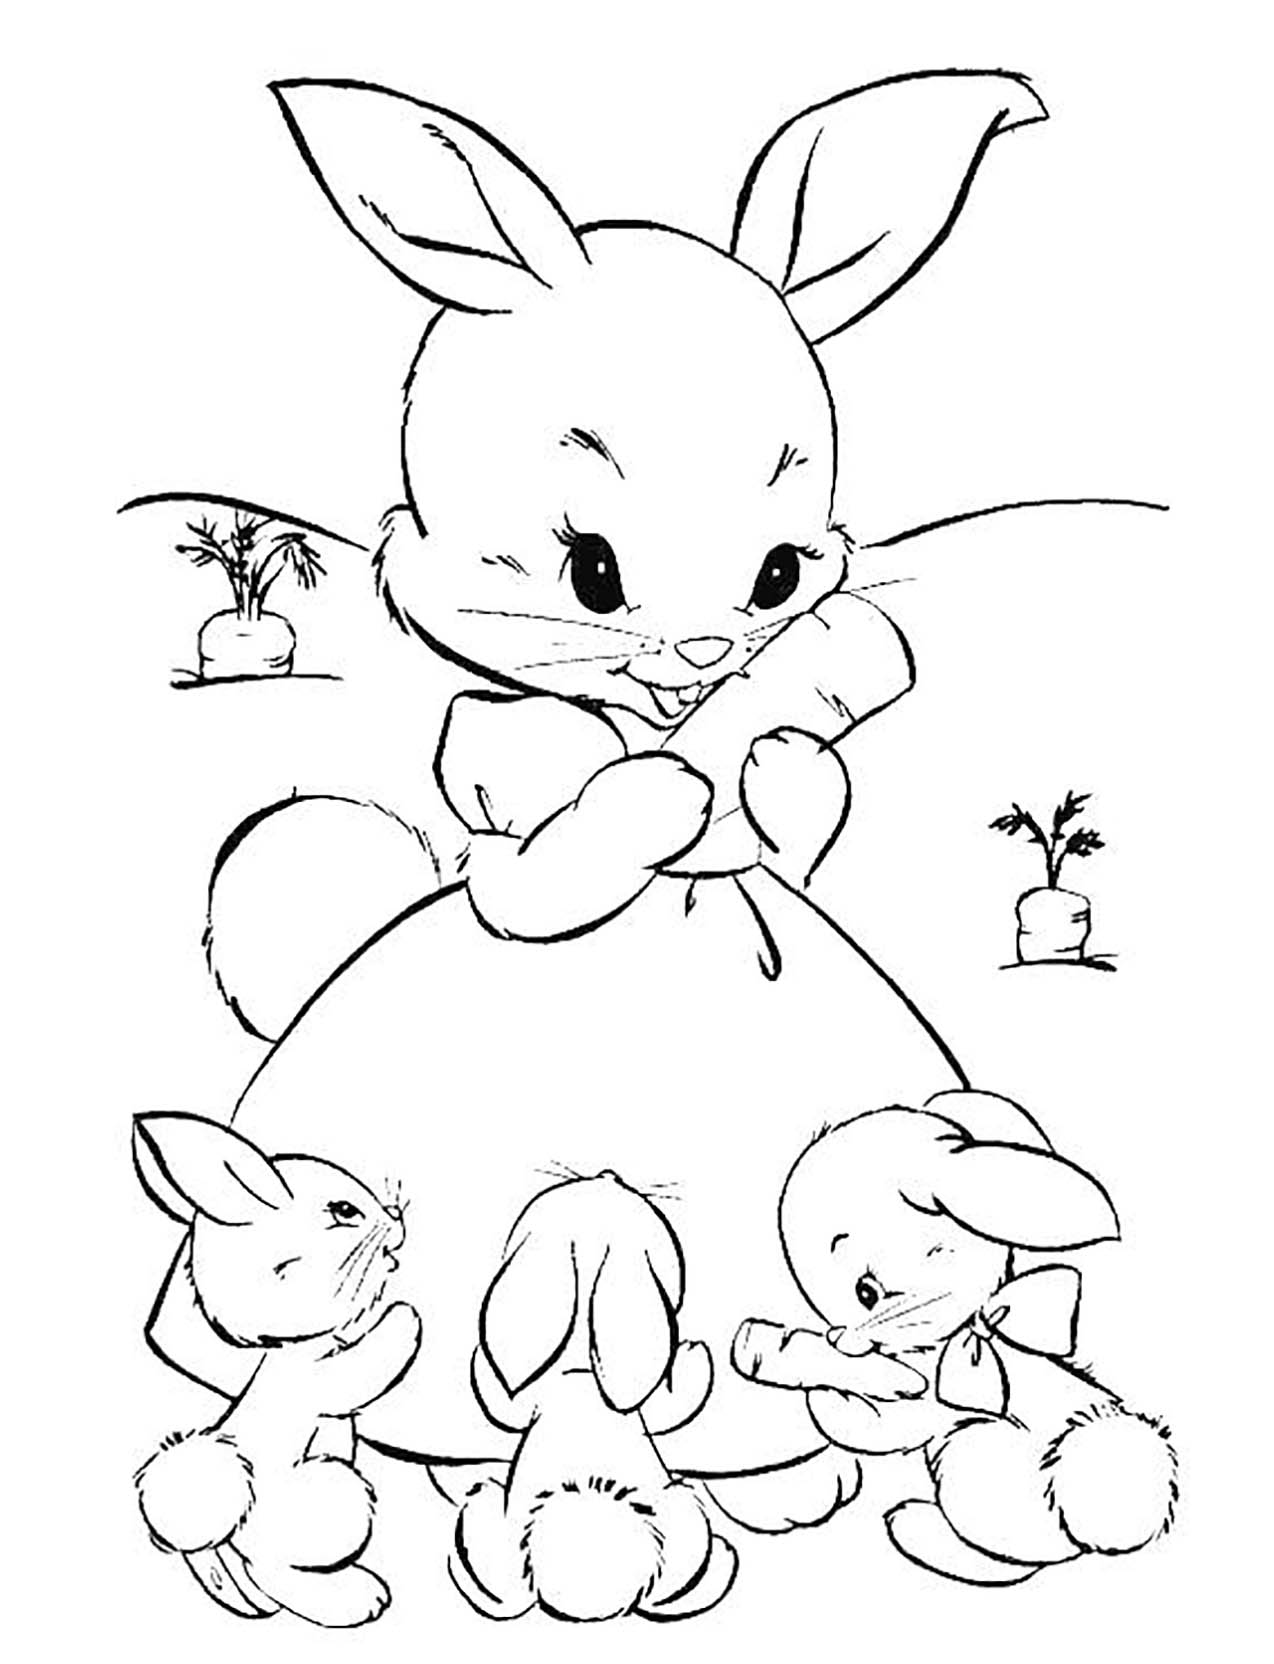 Lapin à Colorier Et Imprimer lapin de paques à colorier et imprimer ~ Galerie de couleurs d'images